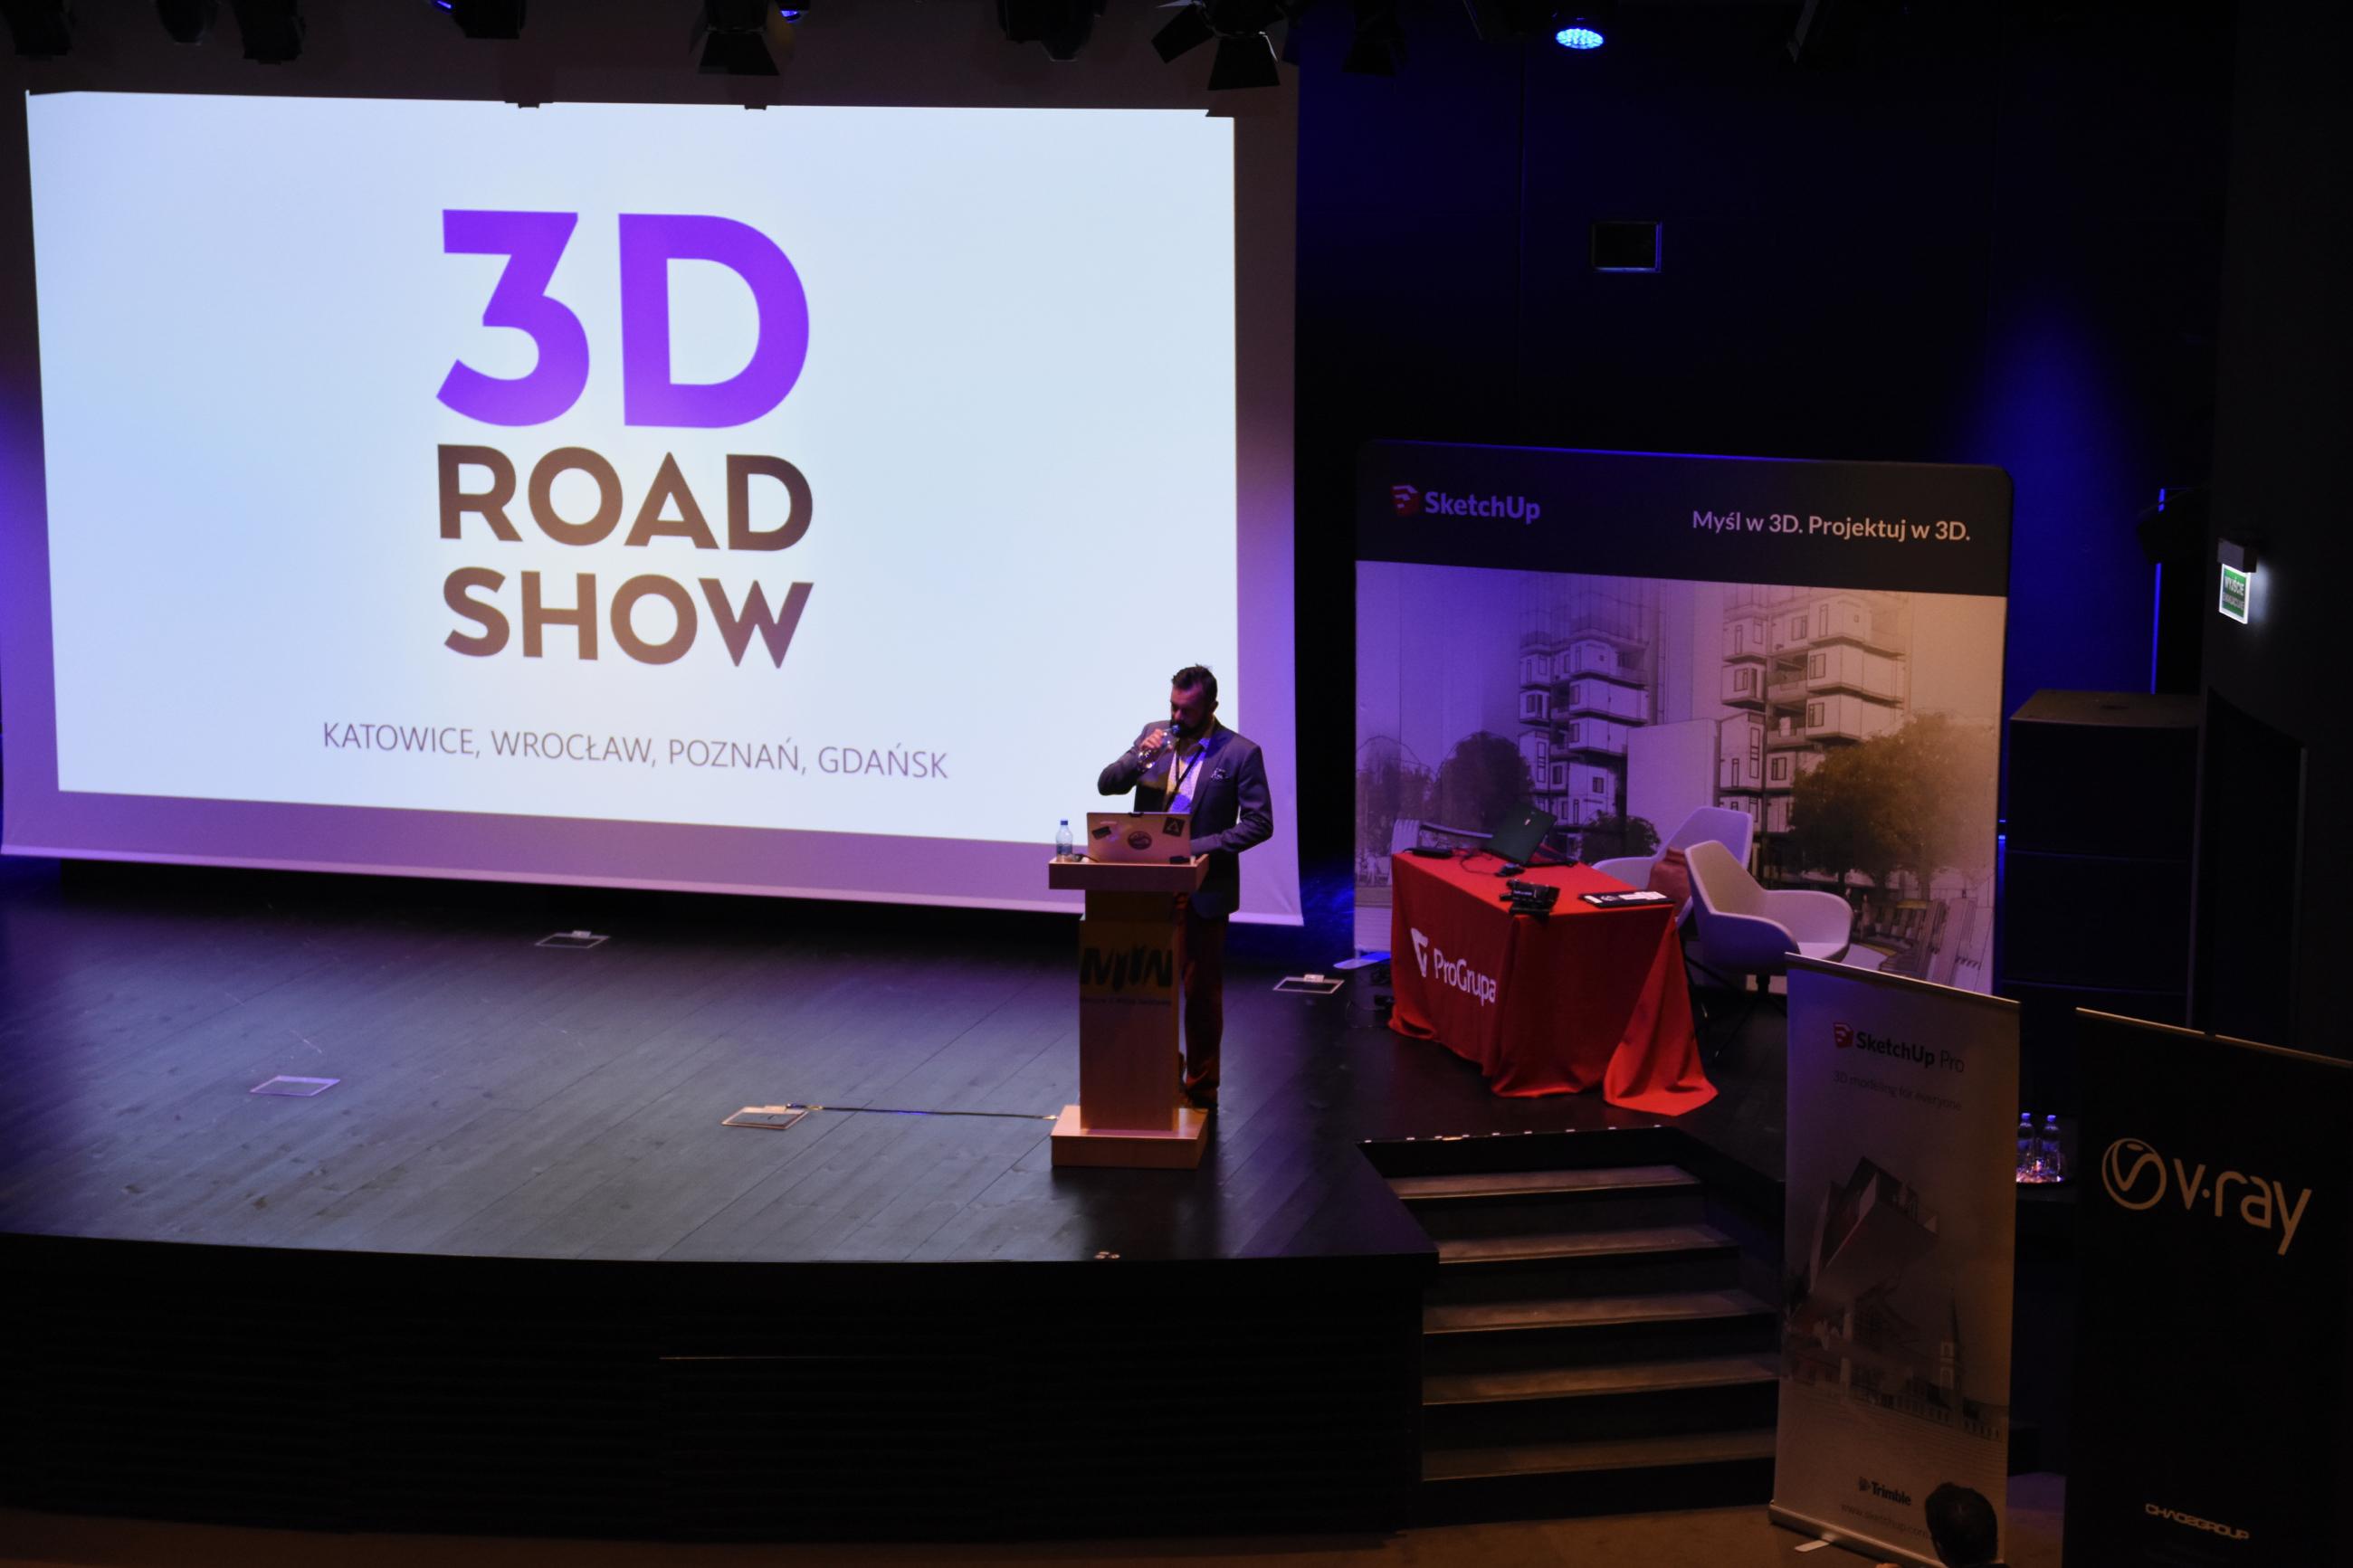 3D Roadshow 2018 odbywał się w czterech miastach Polski